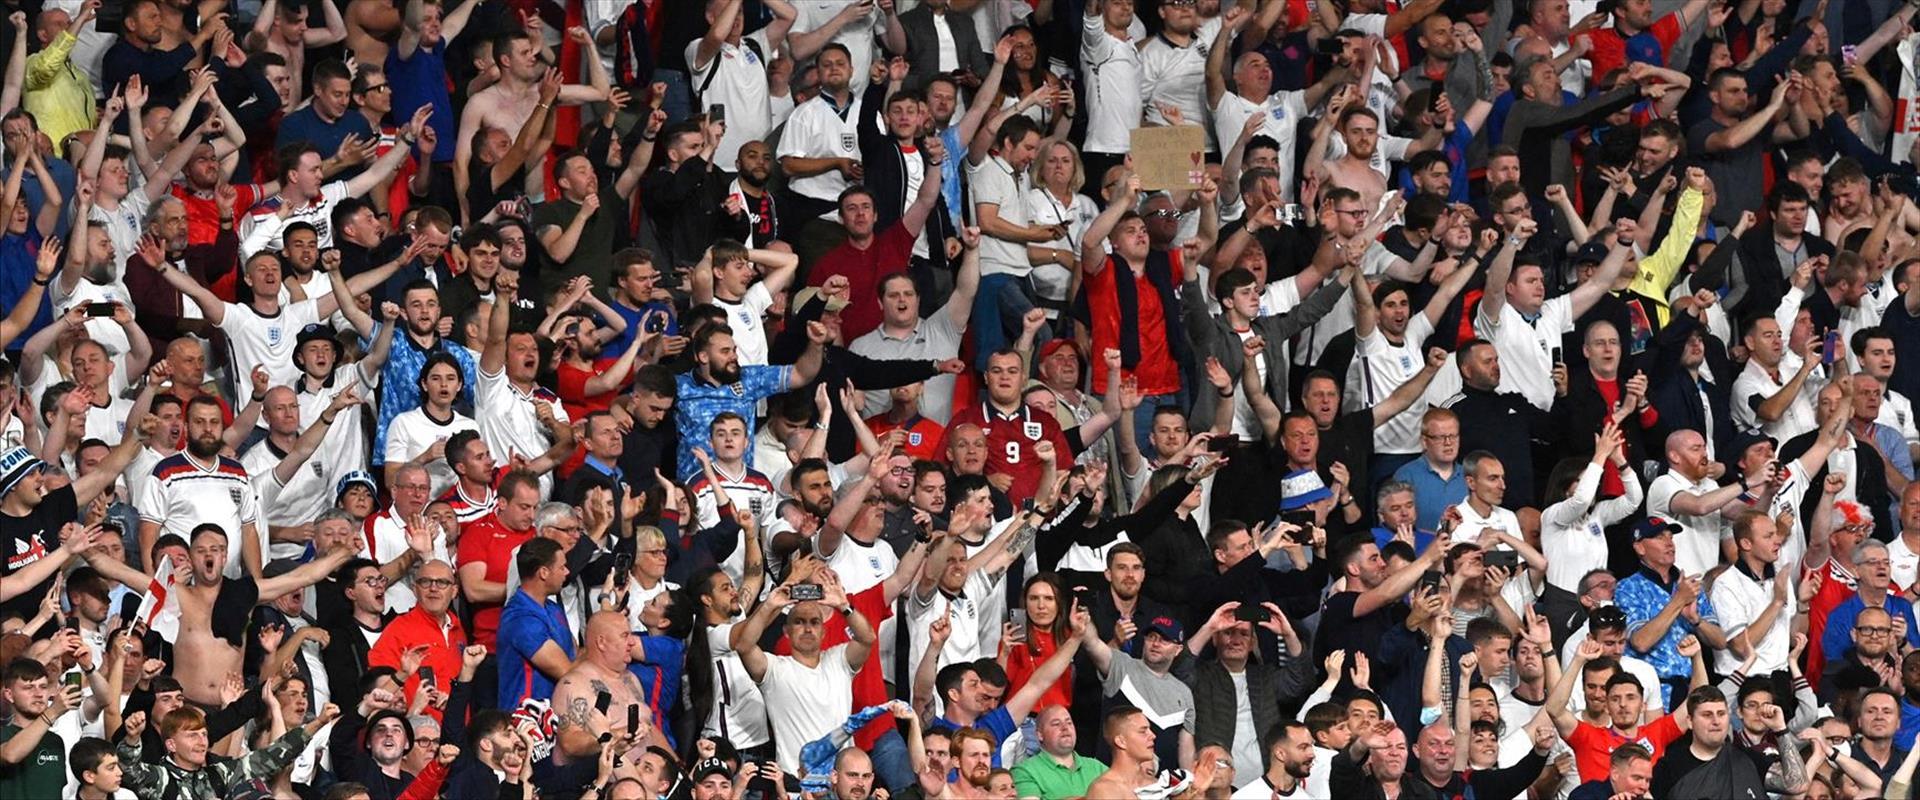 אוהדי נבחרת אנגליה בוומבלי, השבוע